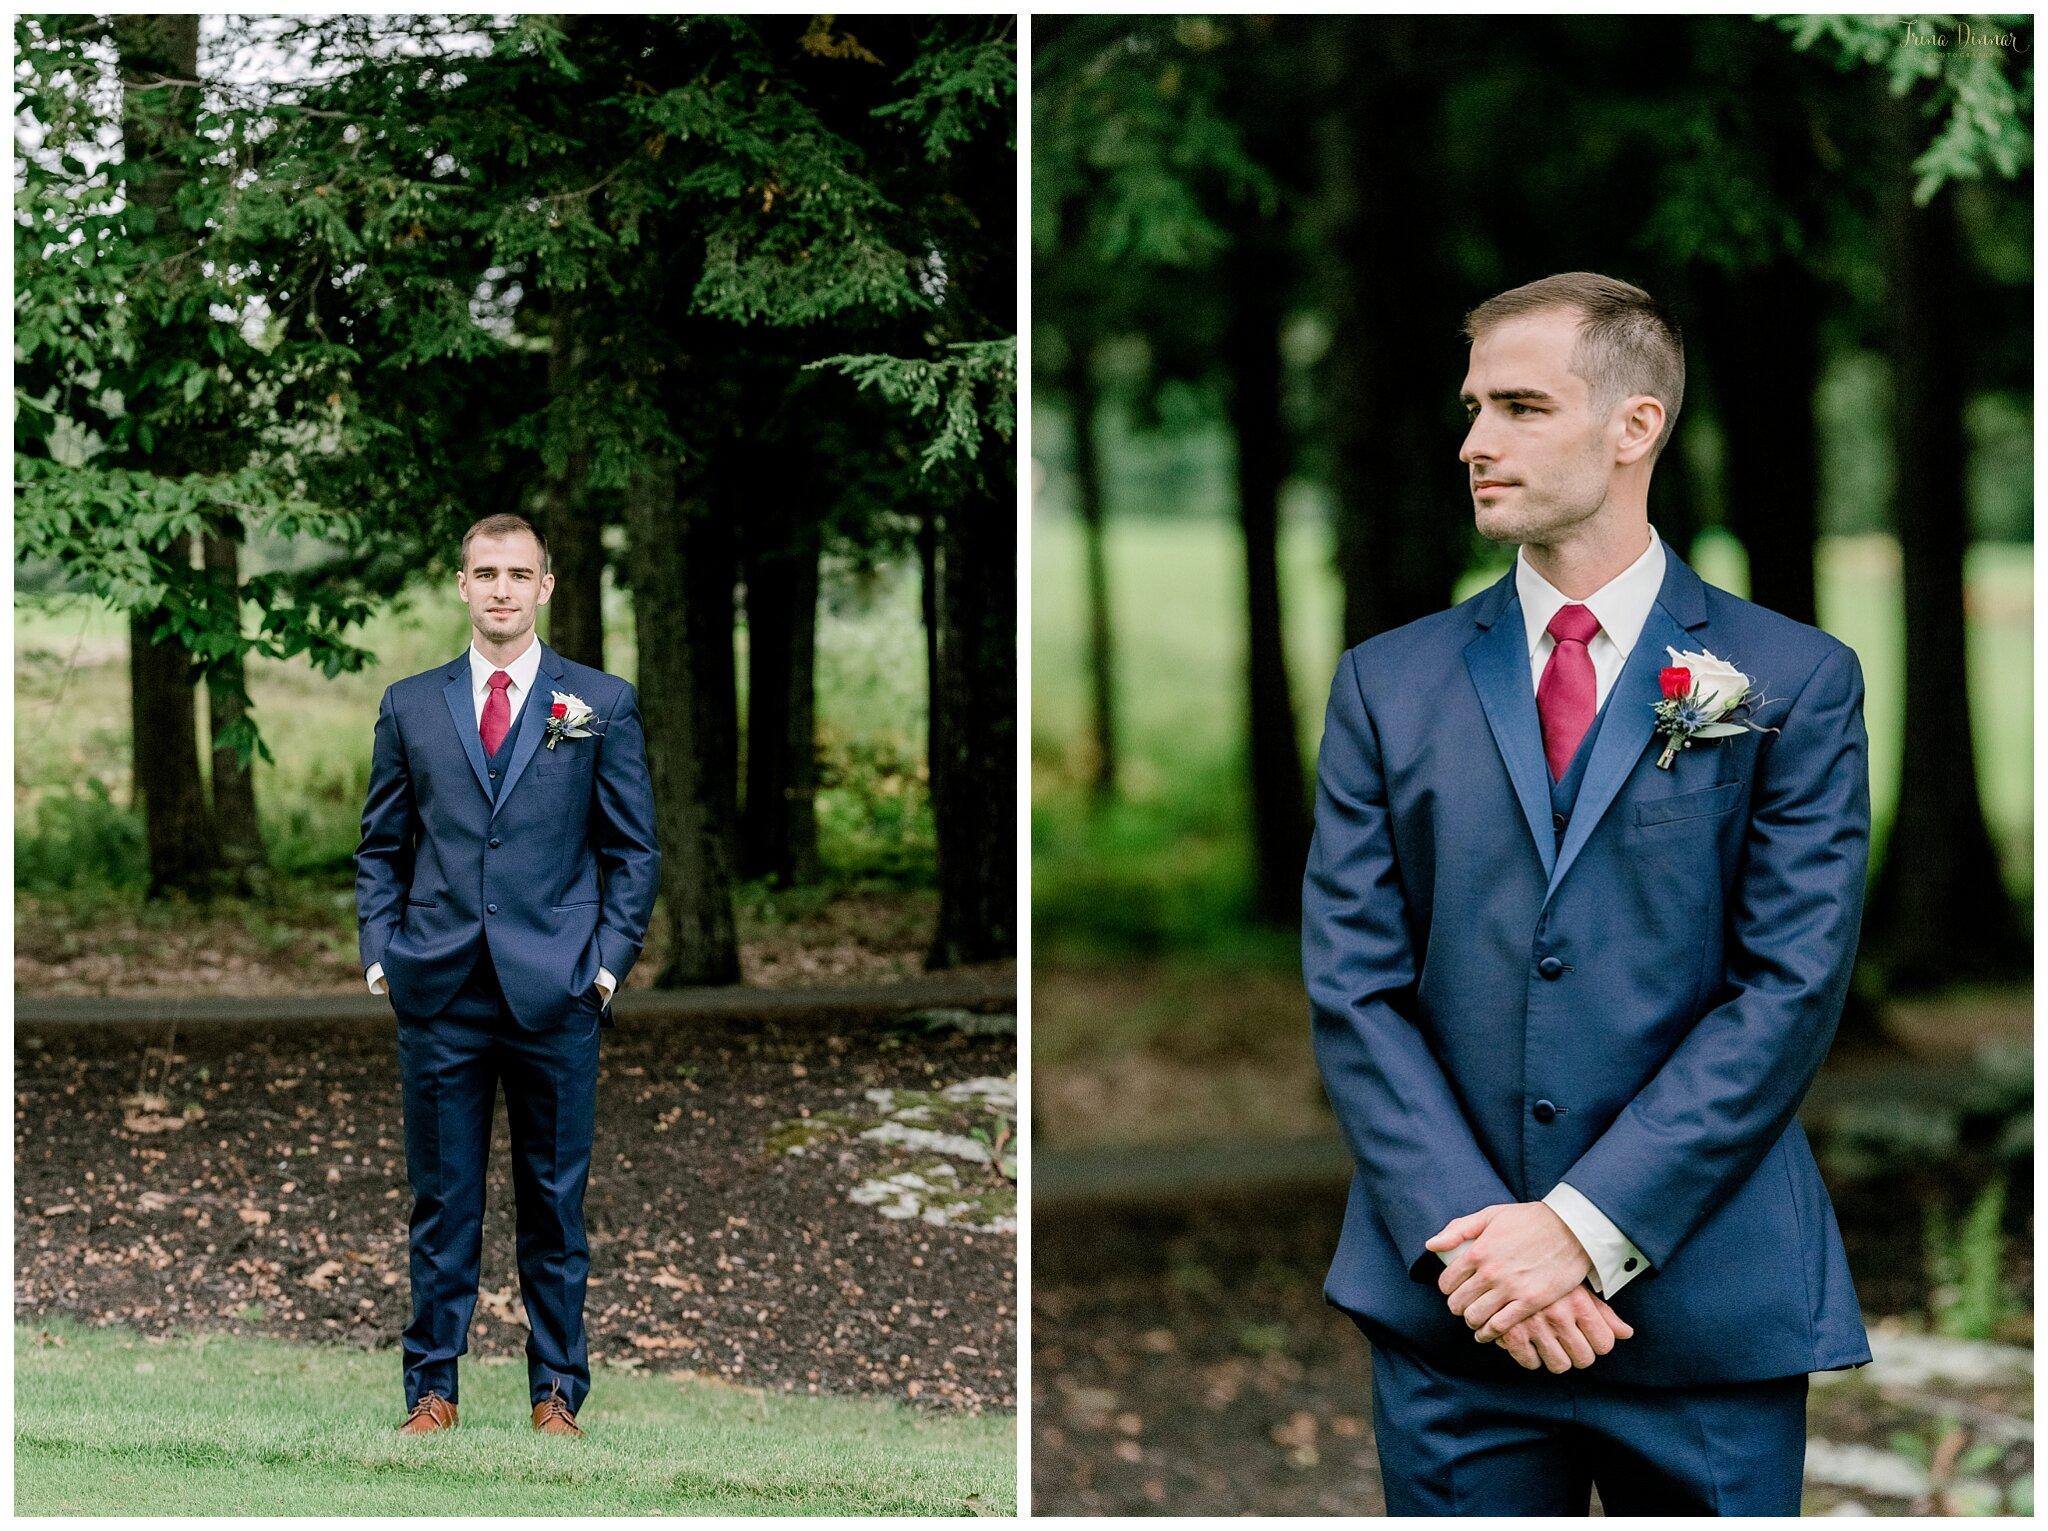 Shawn's Wedding Day Groom Portraits